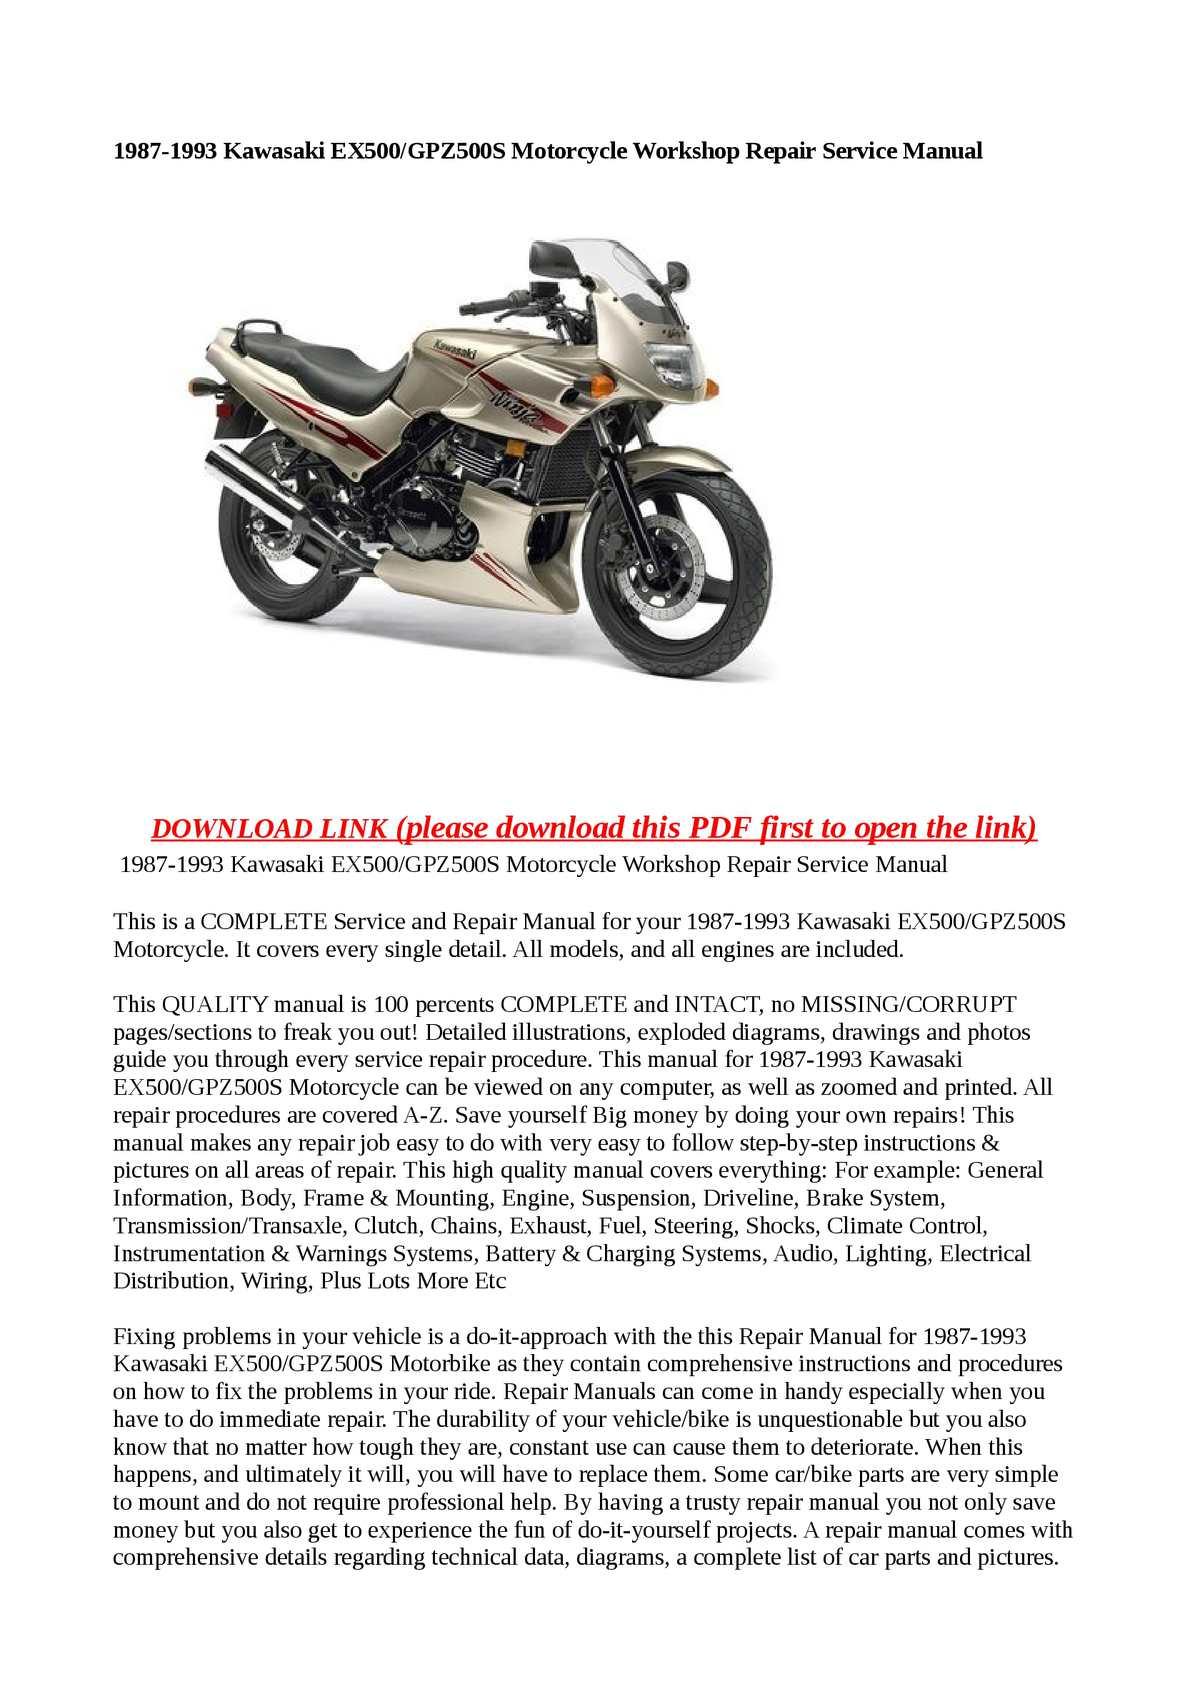 Calaméo - 1987-1993 Kawasaki EX500/GPZ500S Motorcycle Workshop Repair  Service Manual